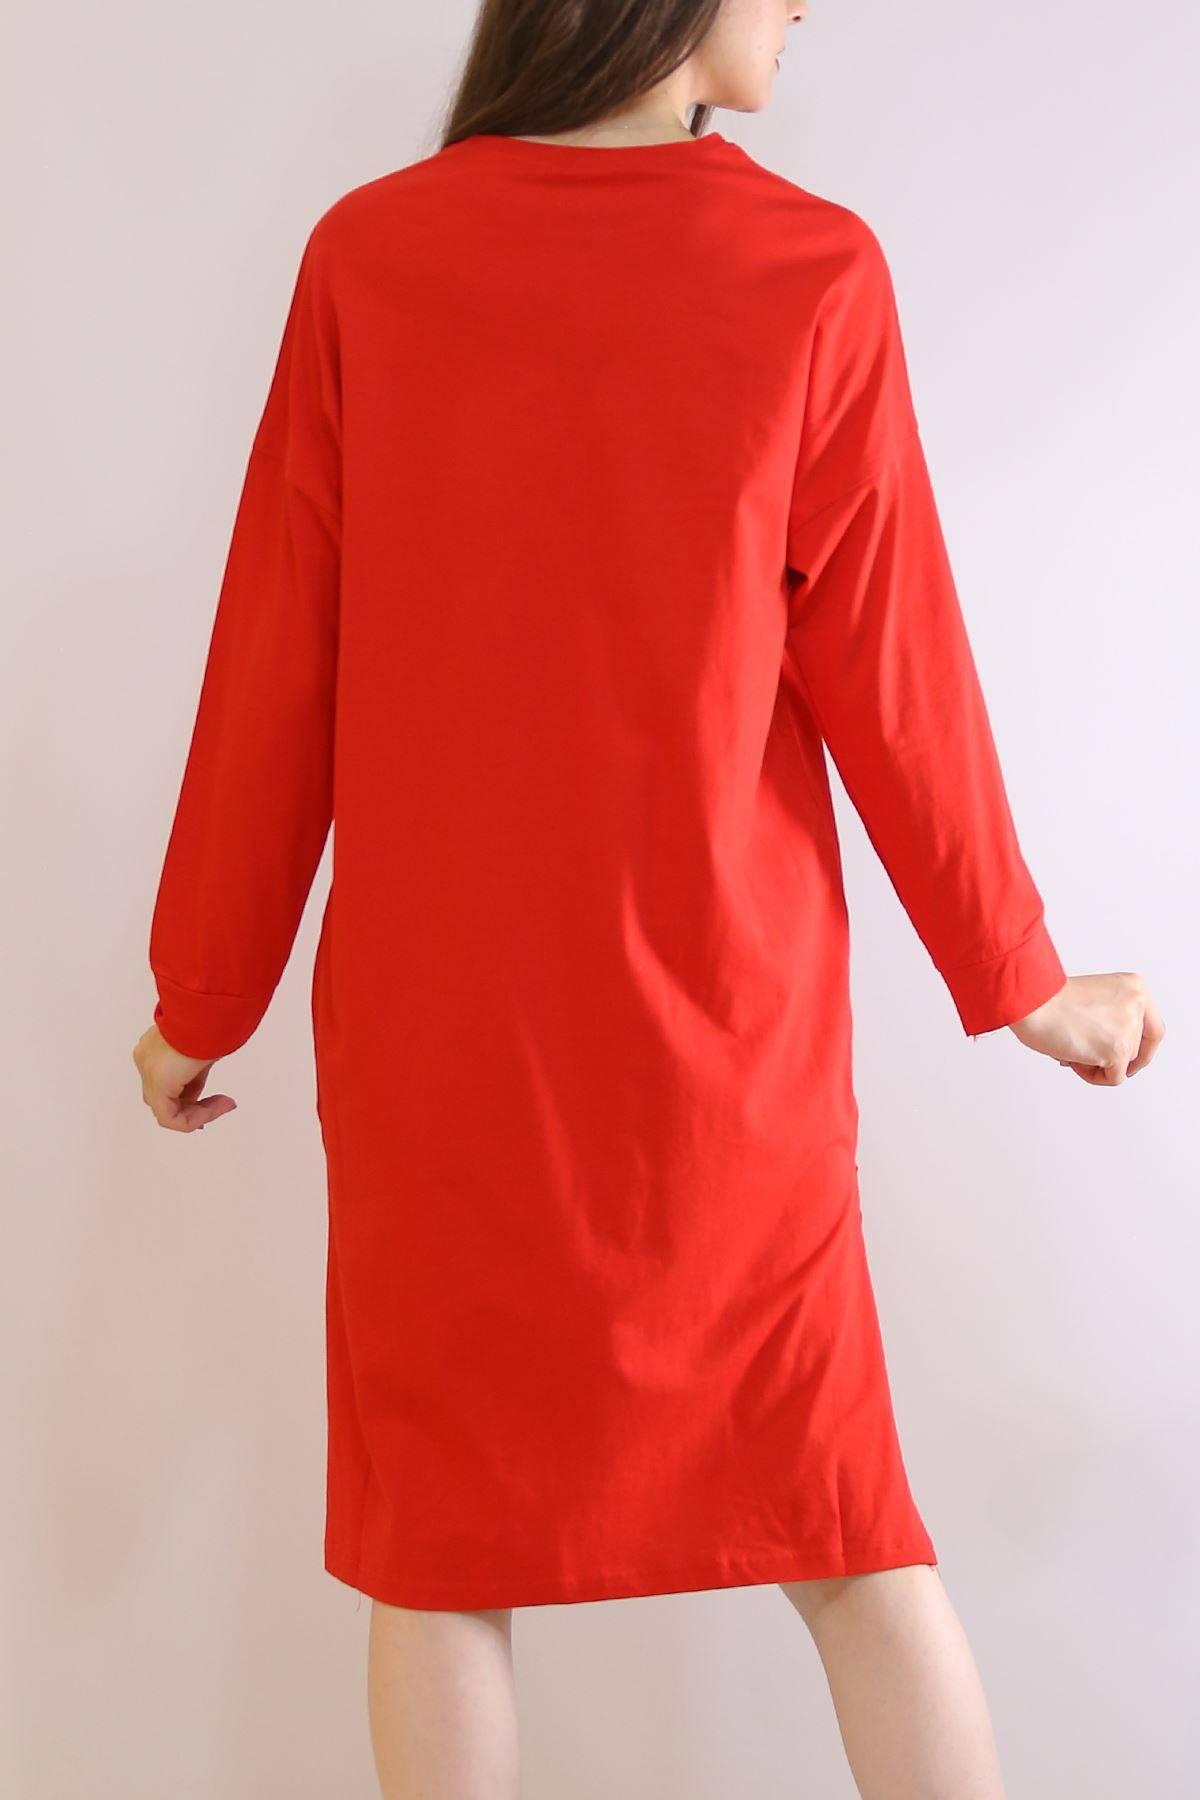 Baskılı Yırtmaçlı Tunik Kırmızı - 2958.105.